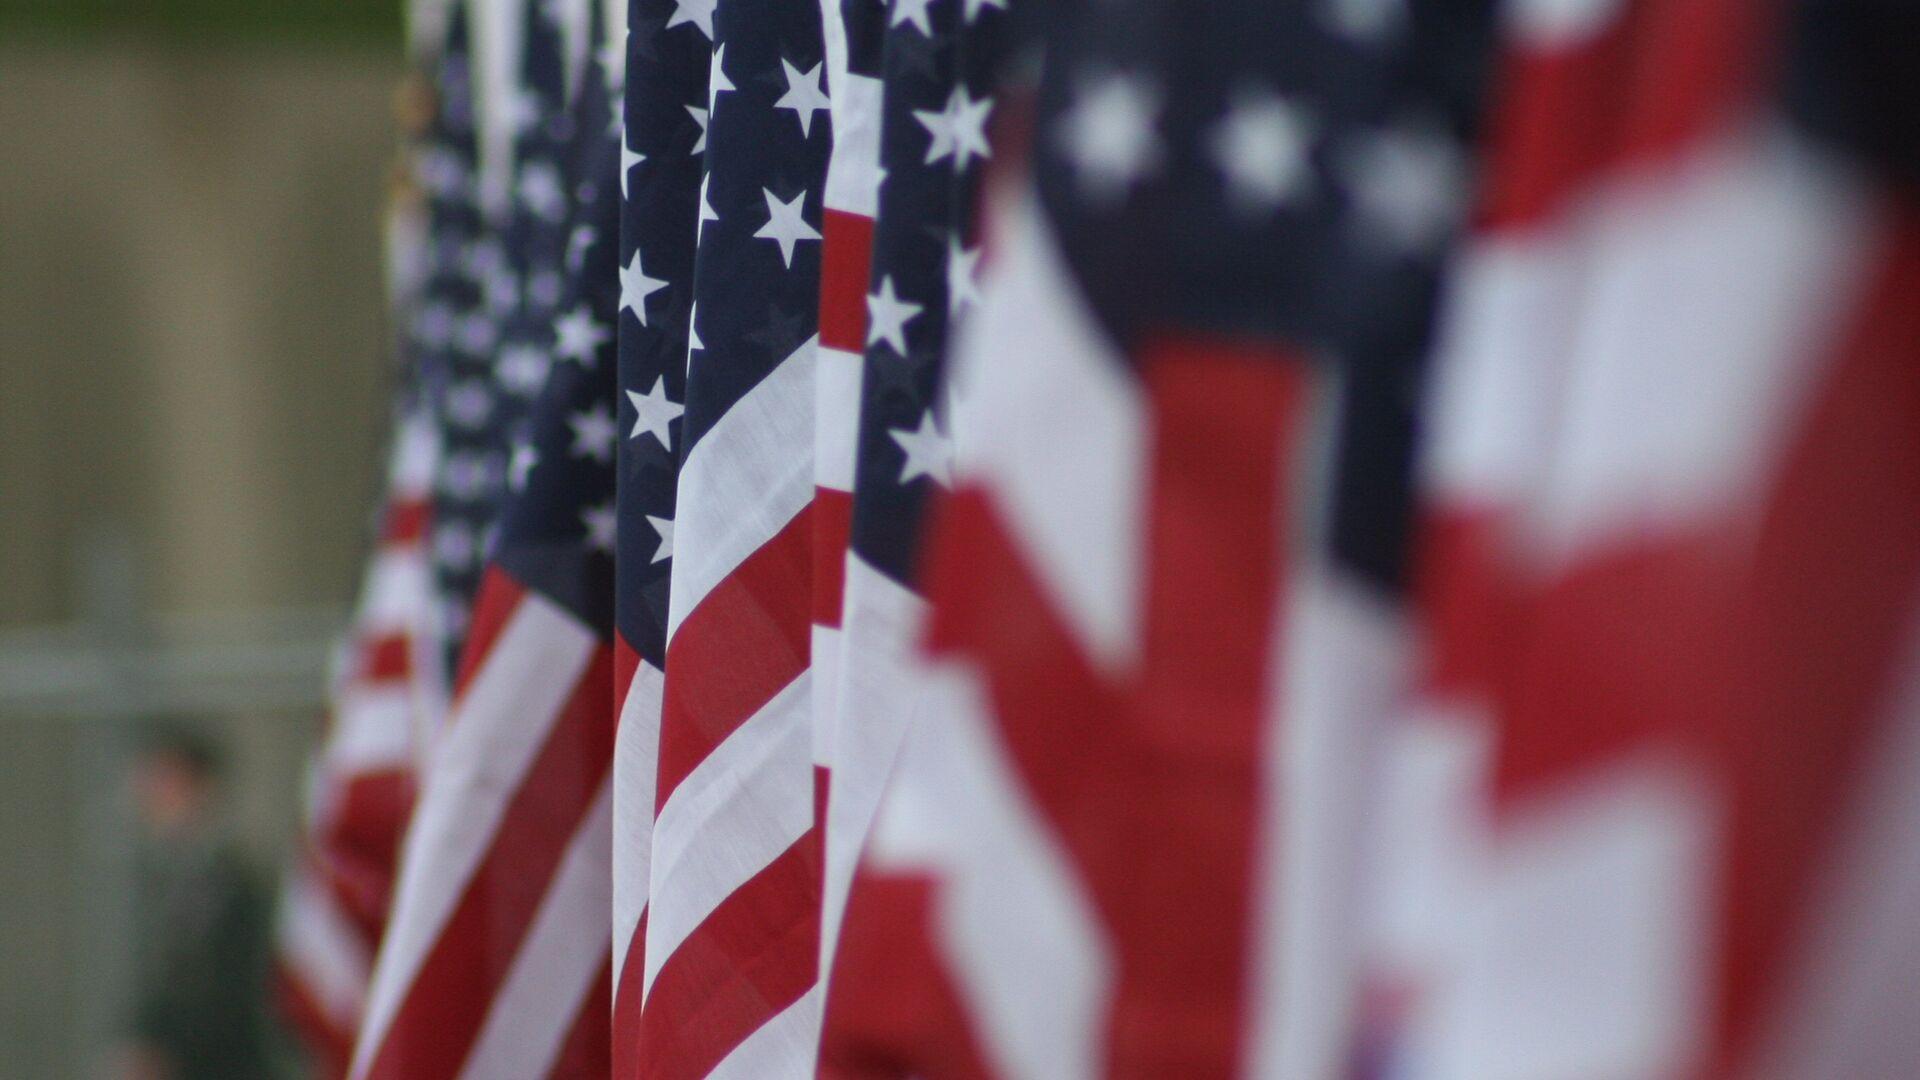 Las banderas de EEUU - Sputnik Mundo, 1920, 17.09.2021